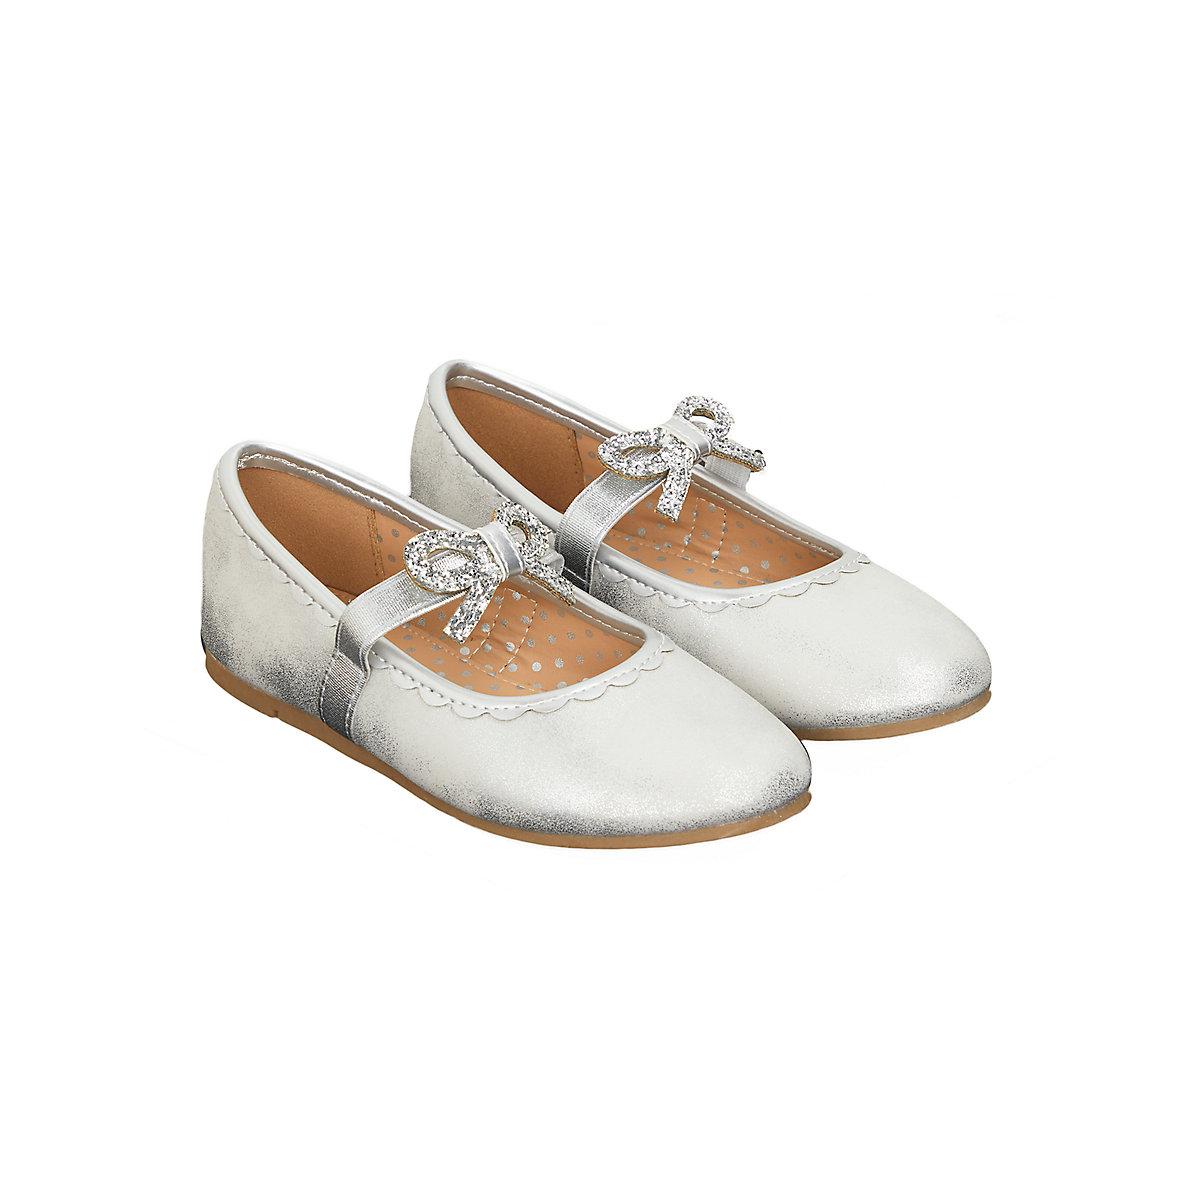 silver bow ballerina shoes